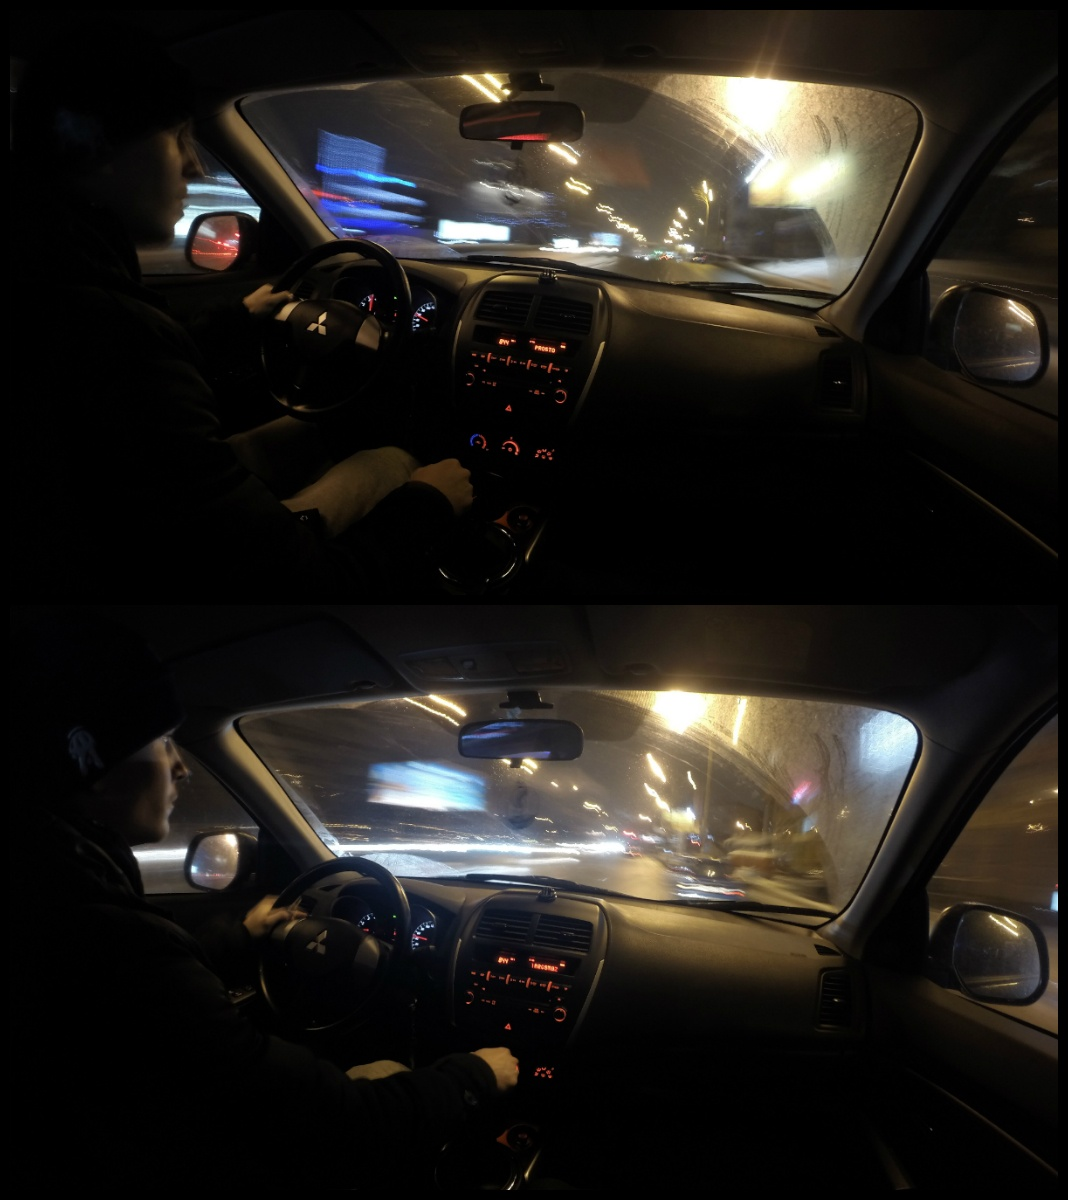 GoPro Hero 3-3+ Black Time-lapsе фотосъемка с ручной настройкой выдержки и экспозиции - 4